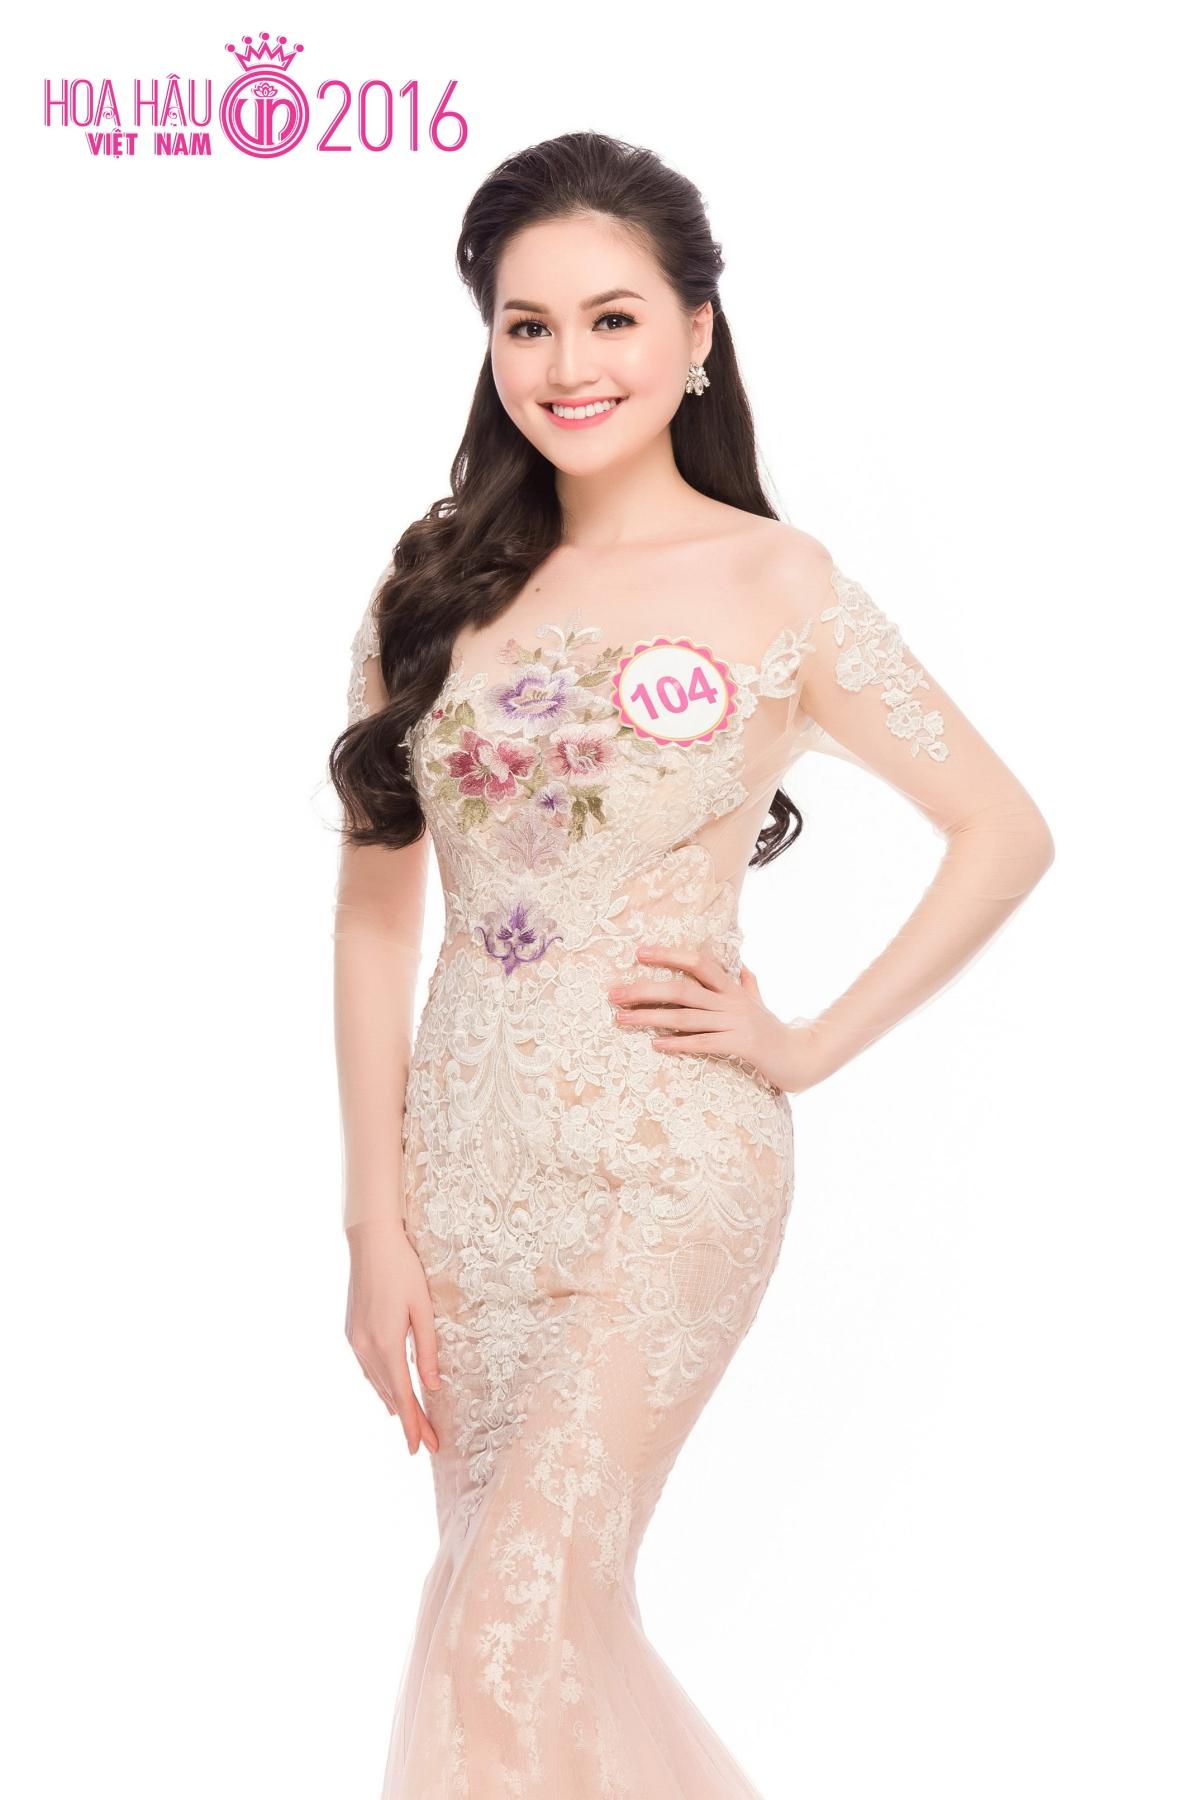 104 - Tran Thi Thu Hien 1